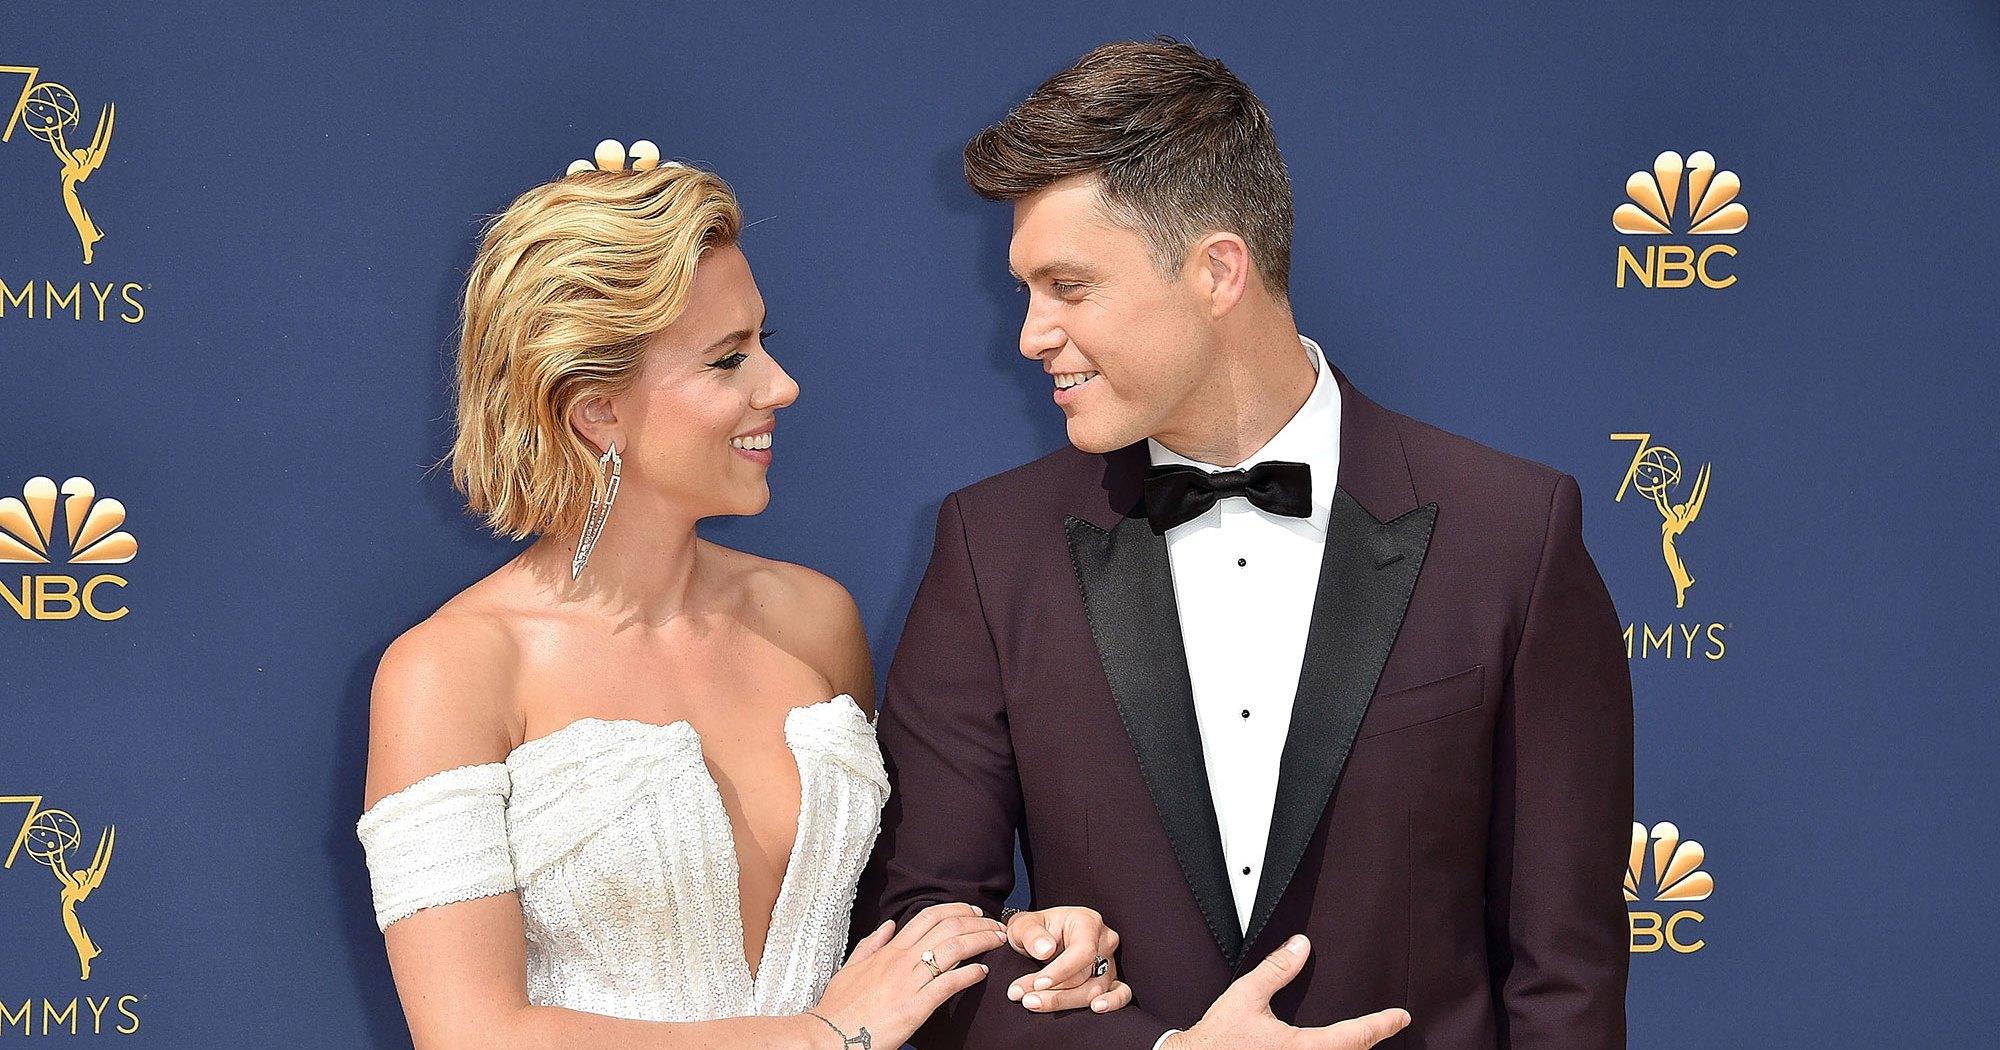 Colin Jost Who? Scarlett Johansson Jokes She's Dating Someone Else